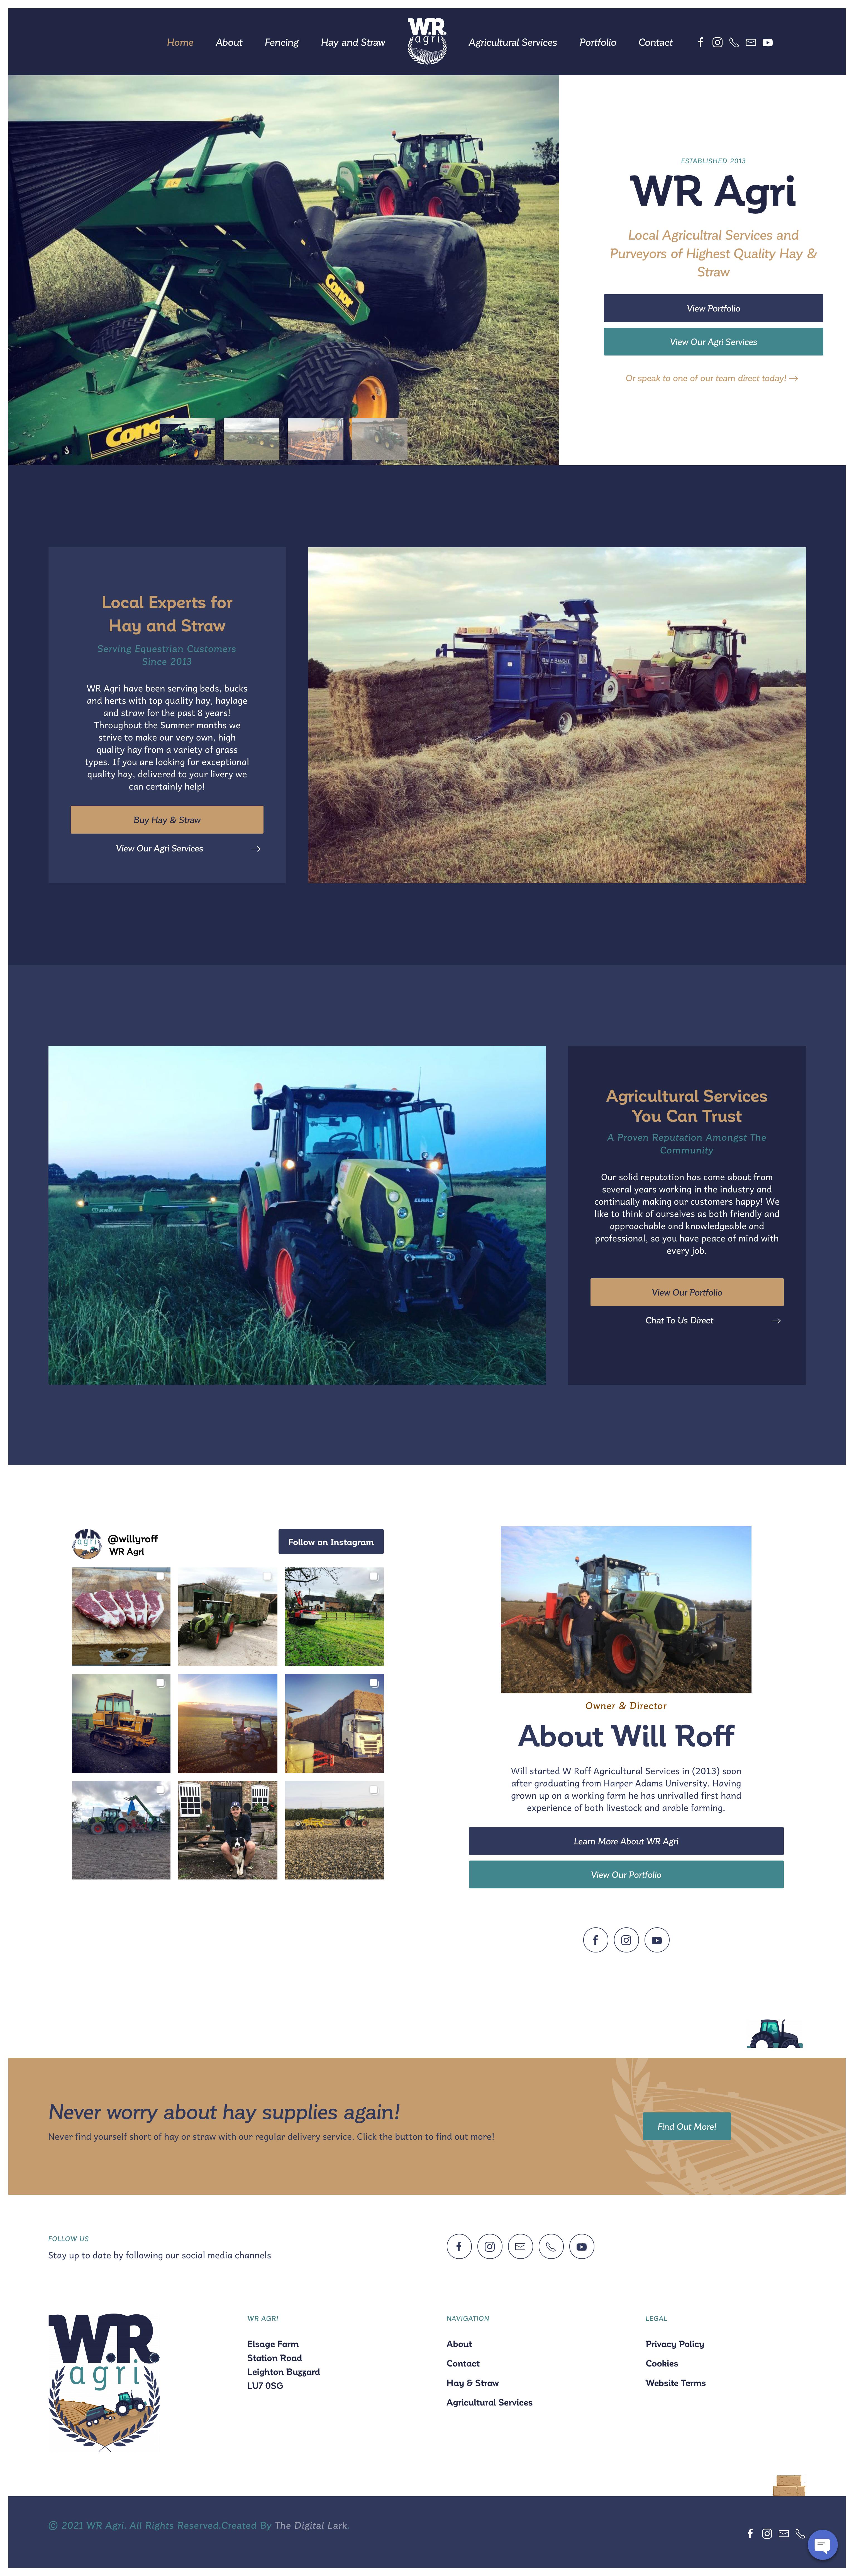 WR Agri Website